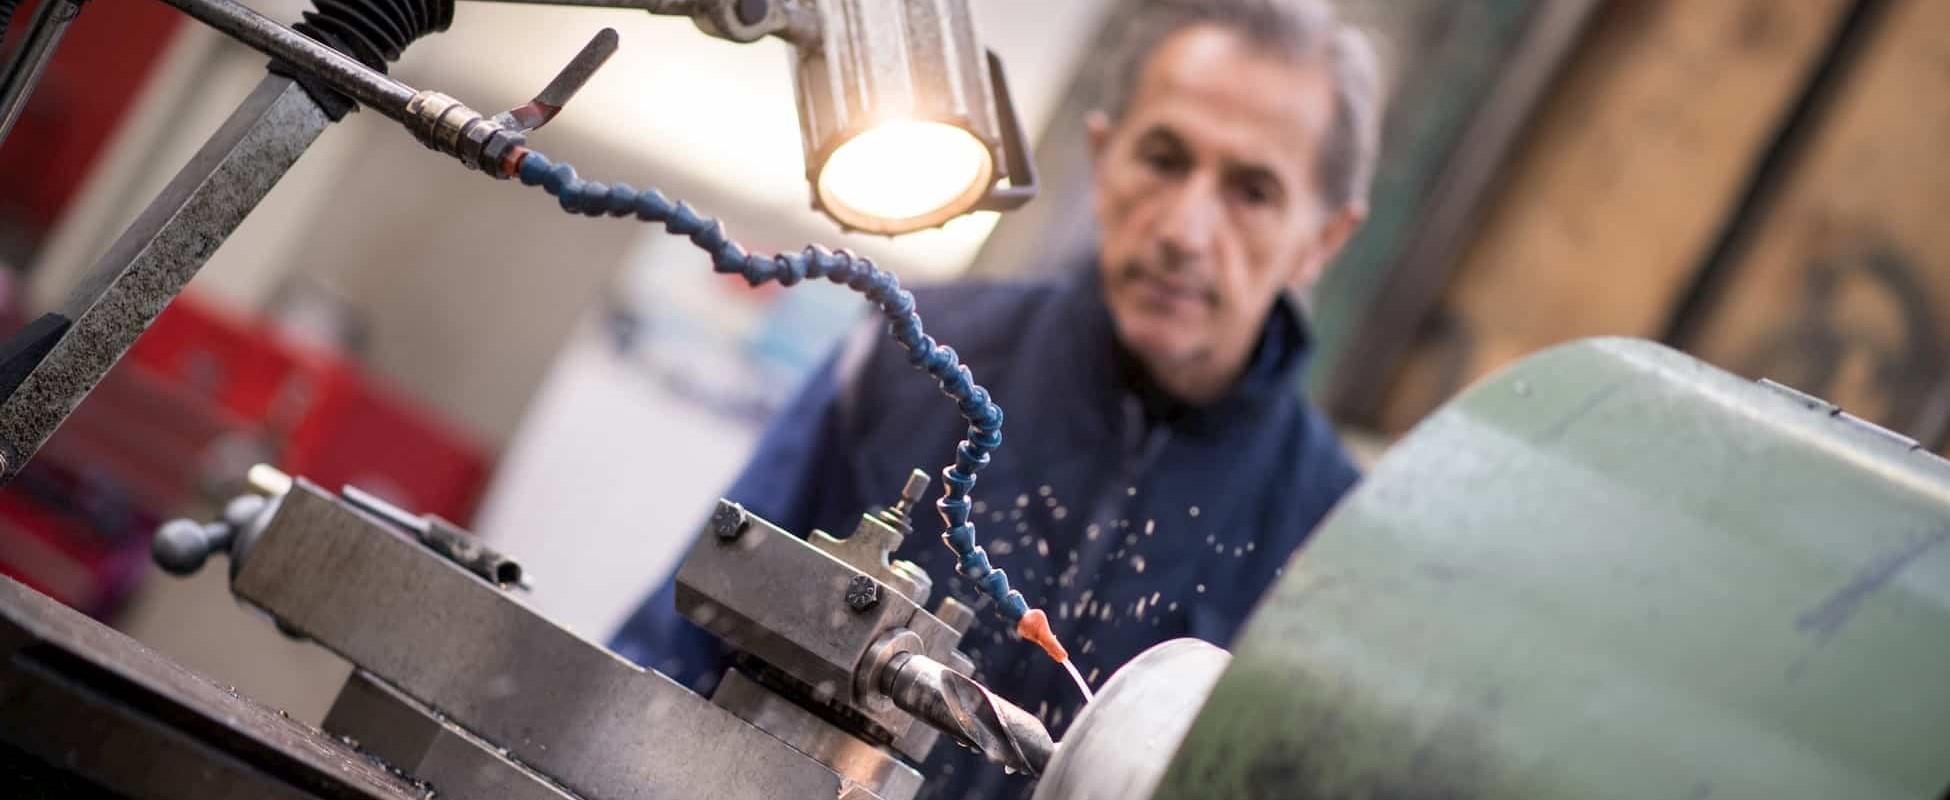 Réparation, entretien et maintenance industrielle à Niort